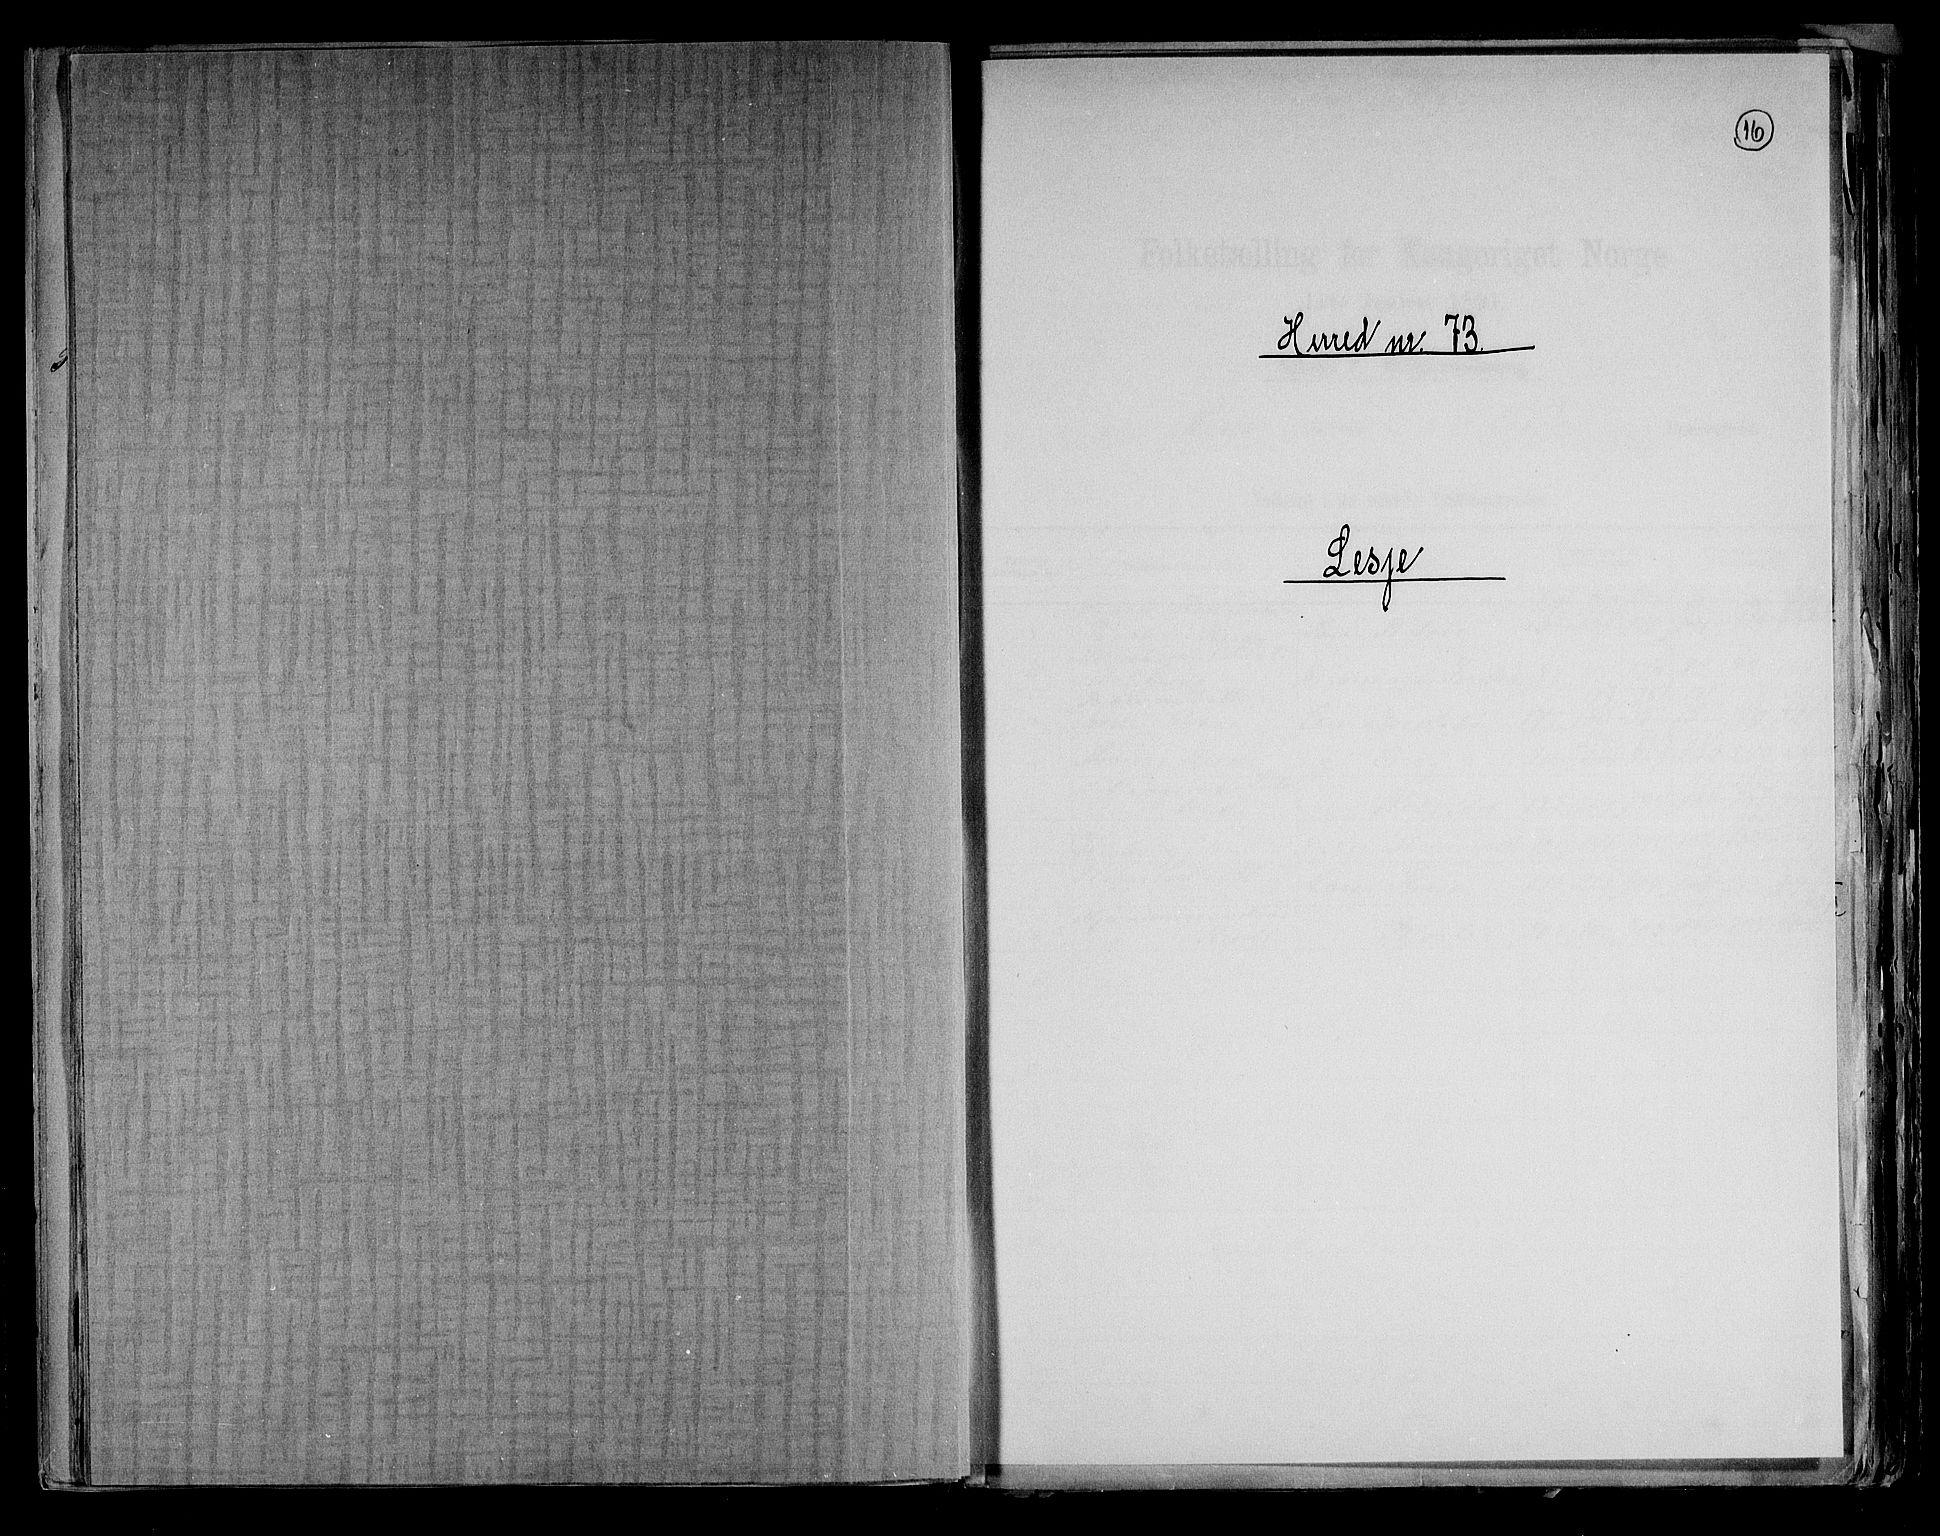 RA, Folketelling 1891 for 0512 Lesja herred, 1891, s. 1